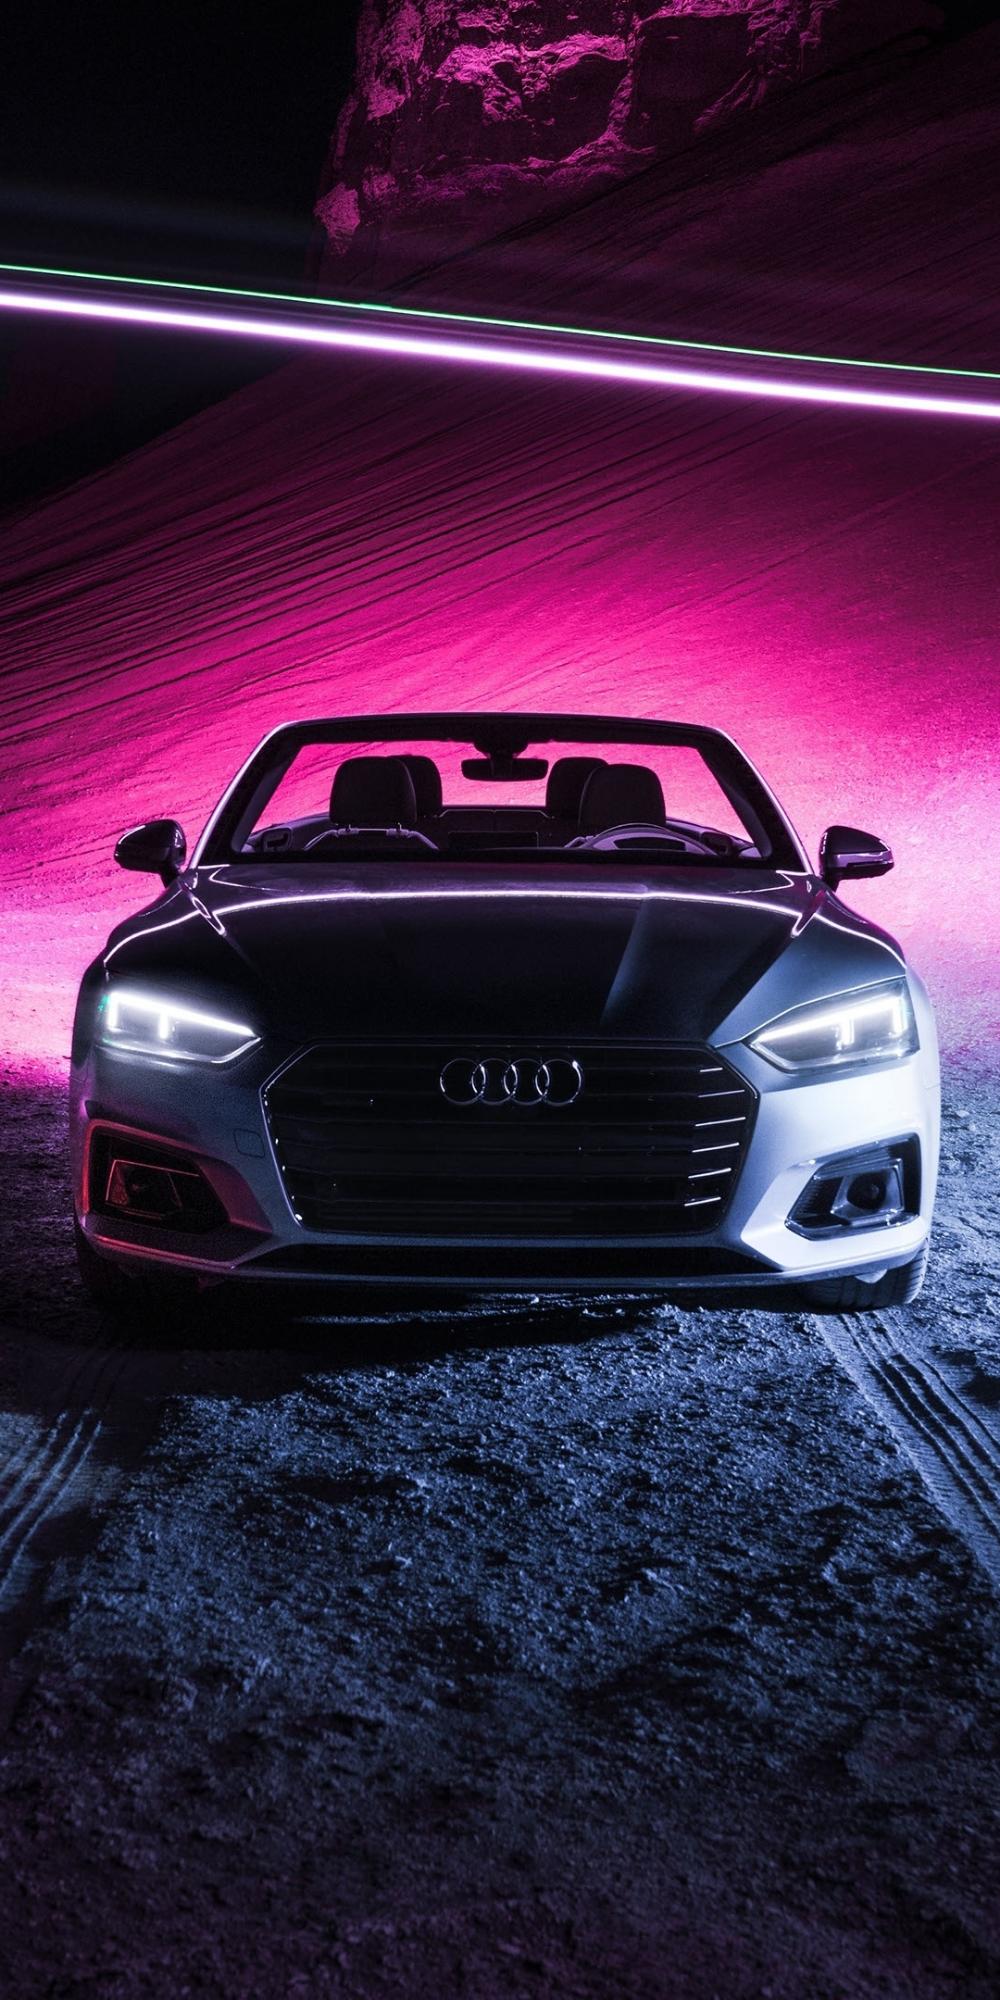 Audi A5 Cabriolet, sports car, 1080x2160 wallpaper